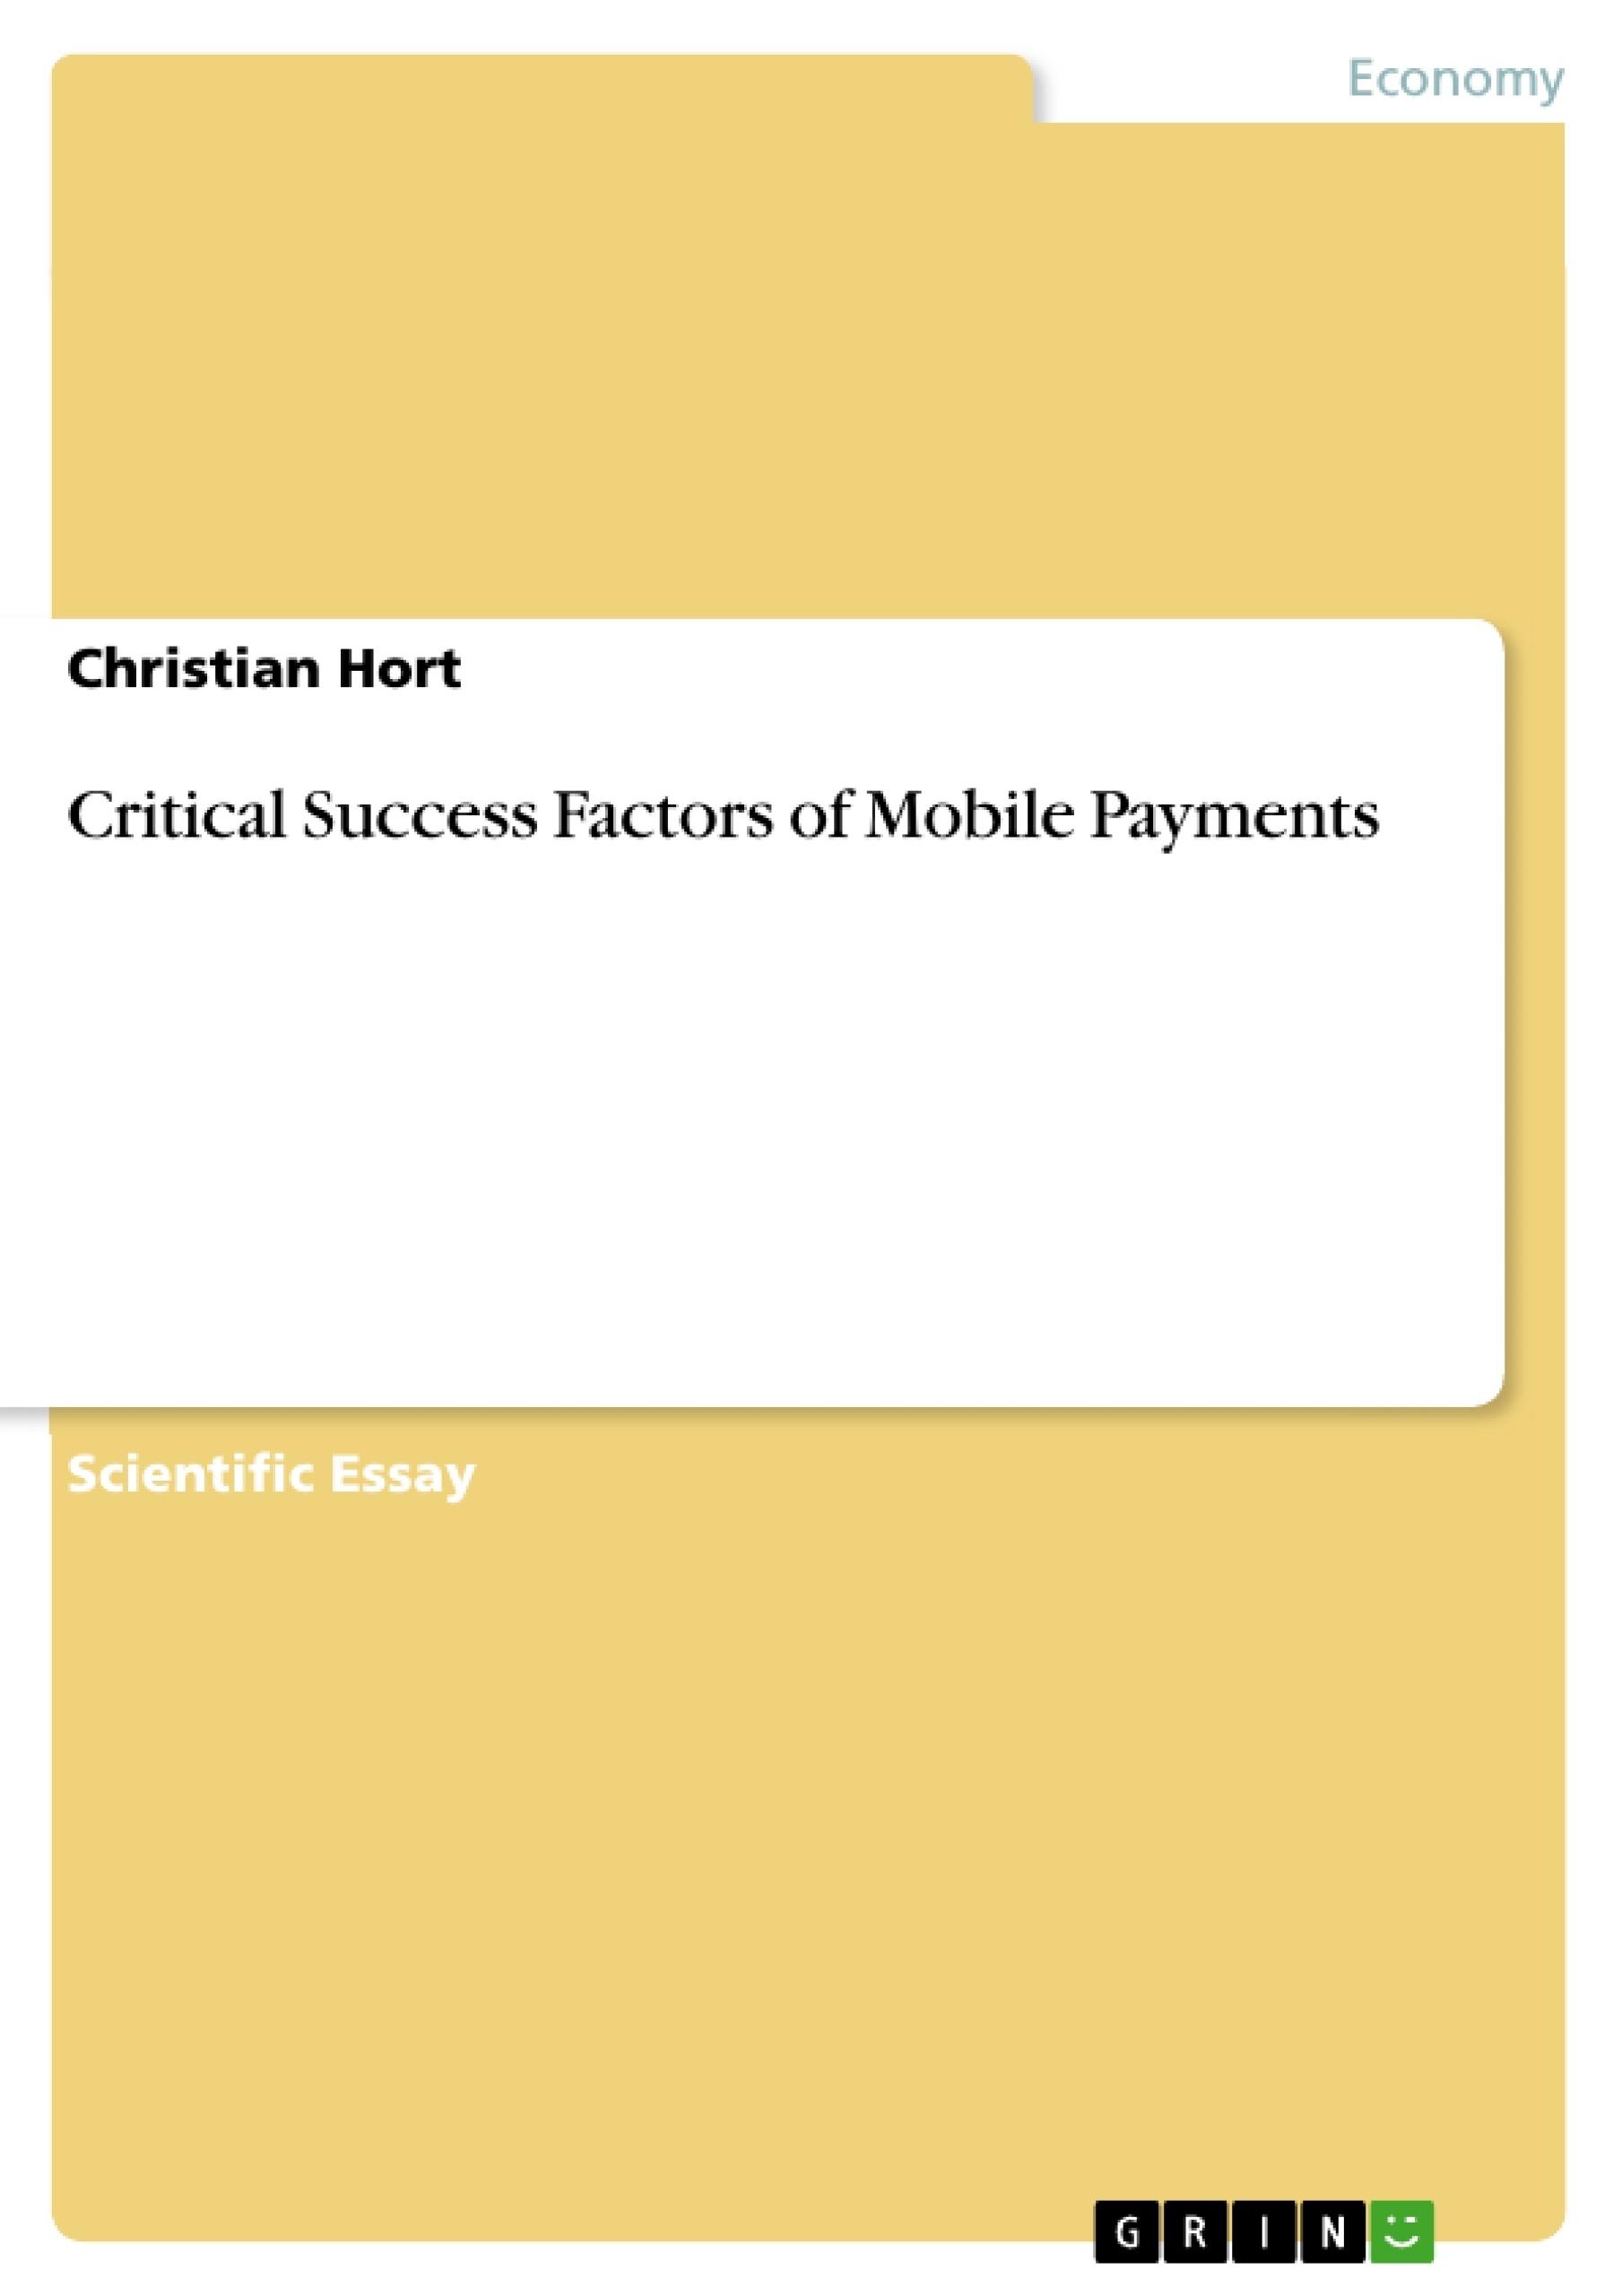 Title: Critical Success Factors of Mobile Payments